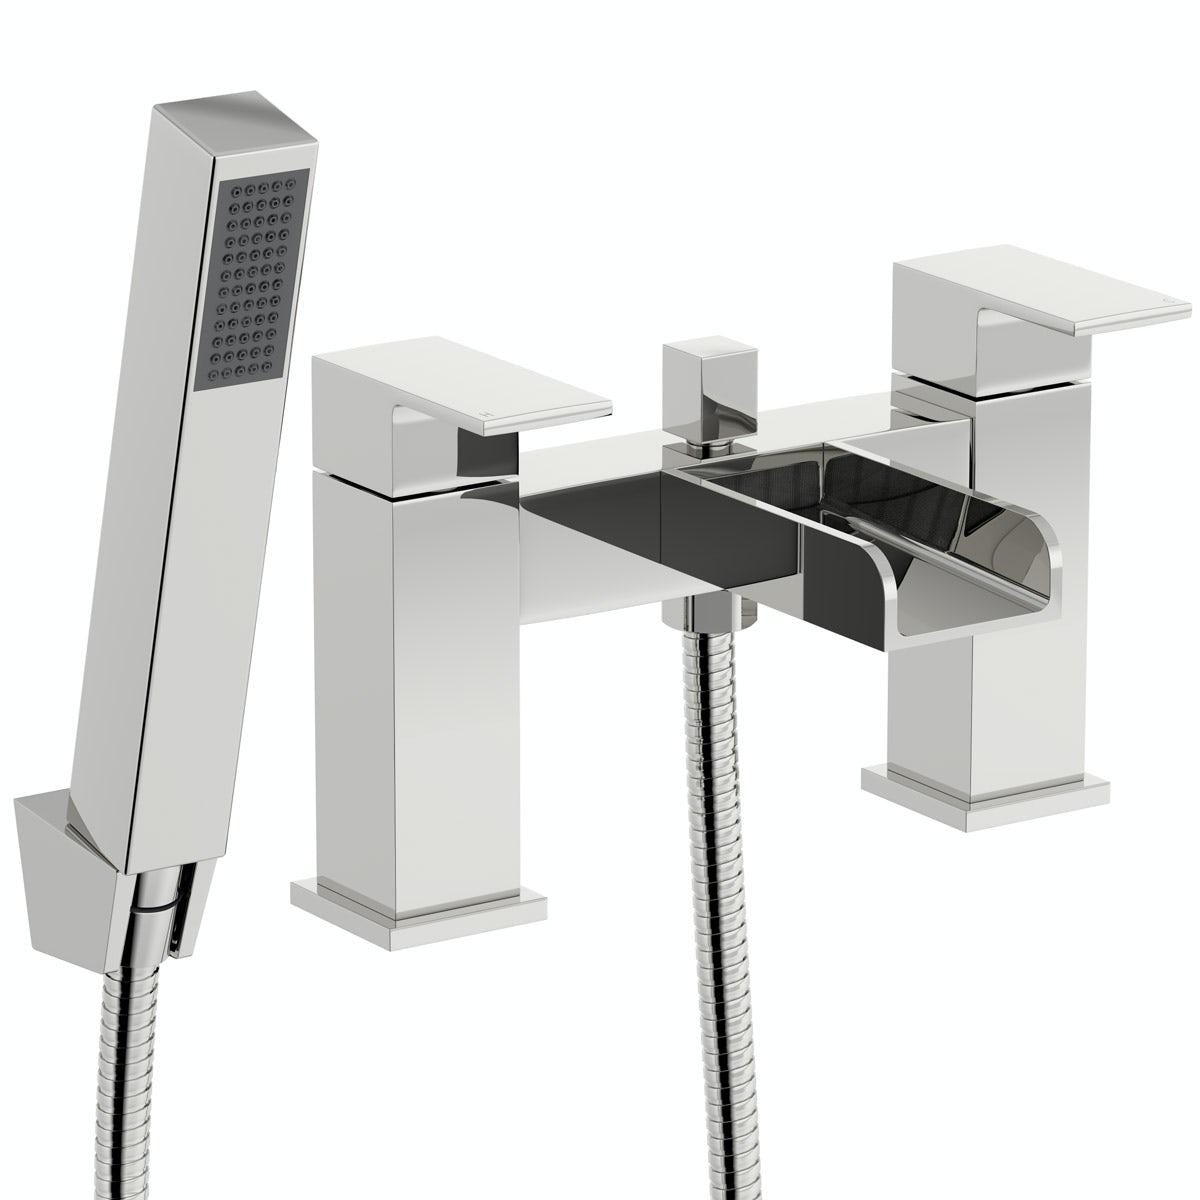 Mode Carter waterfall bath shower mixer tap offer pack